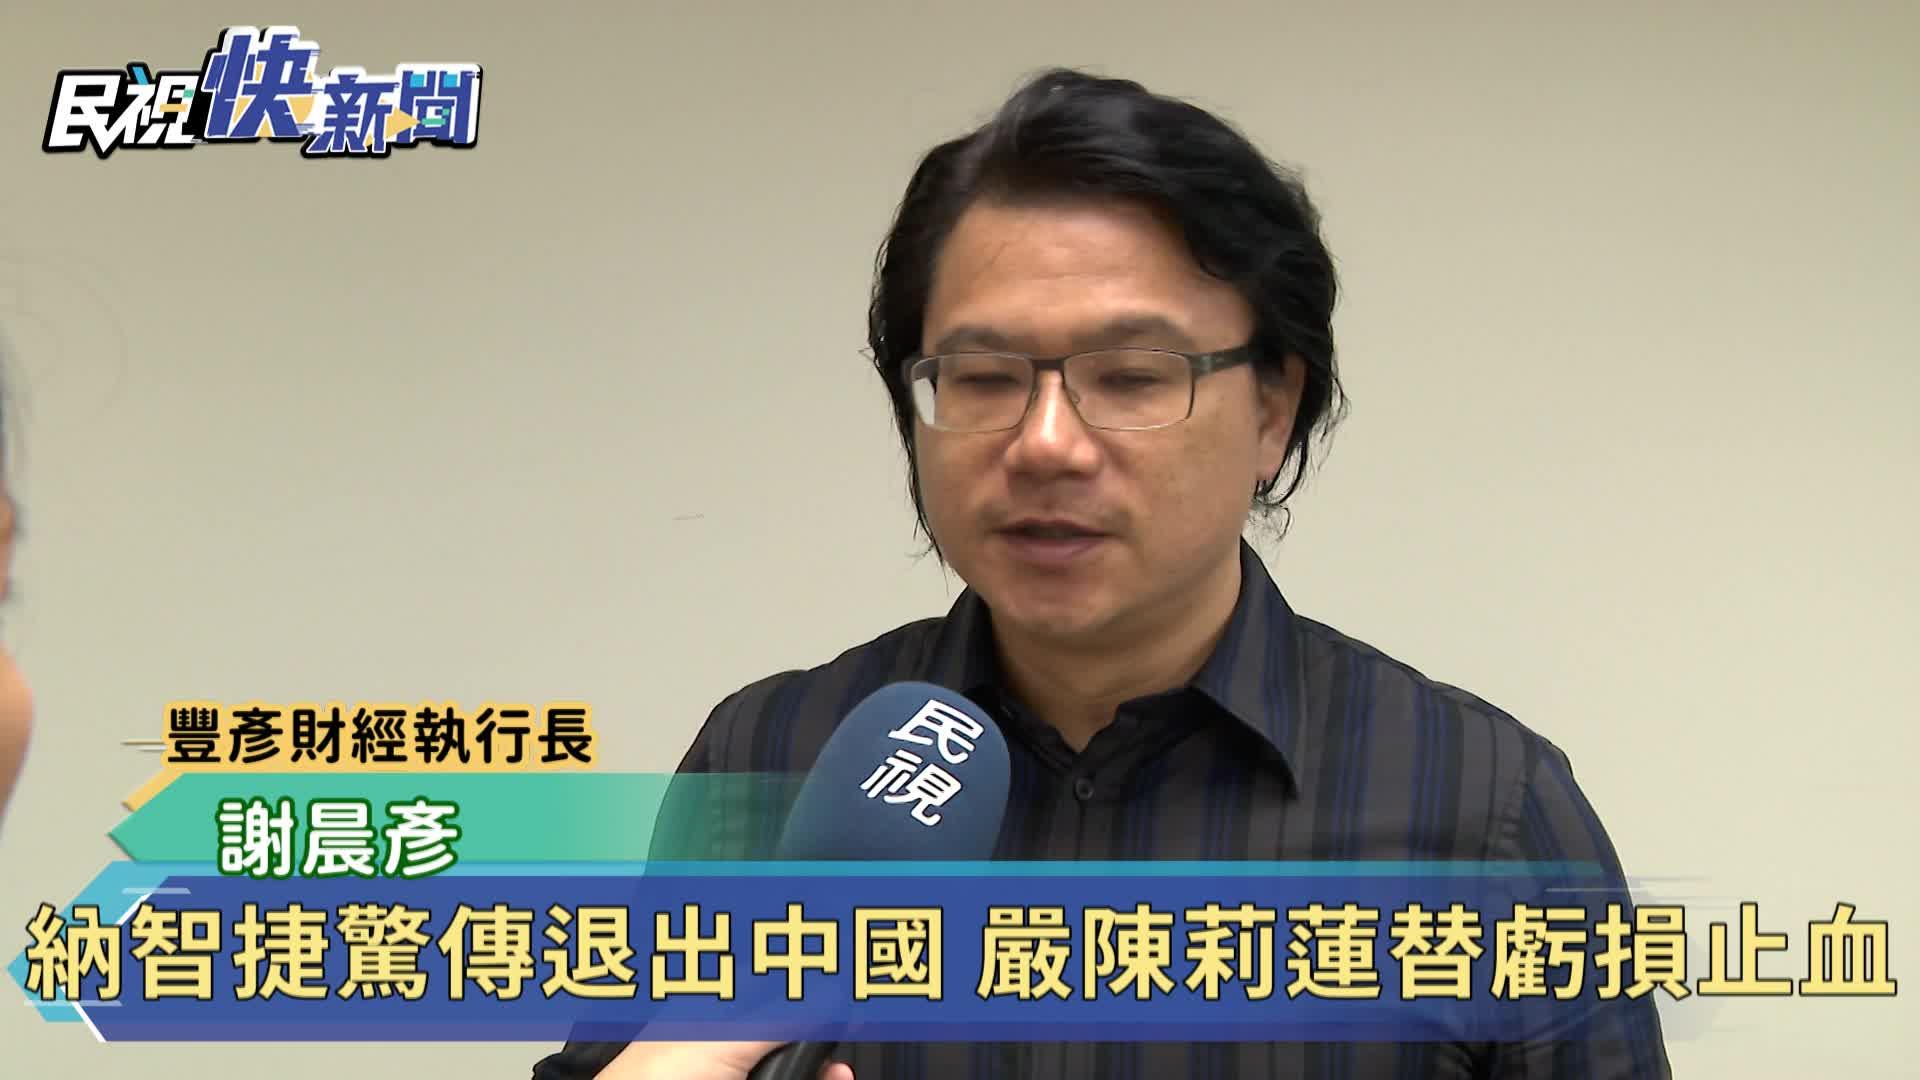 納智捷驚傳退出中國 嚴陳莉蓮替虧損止血